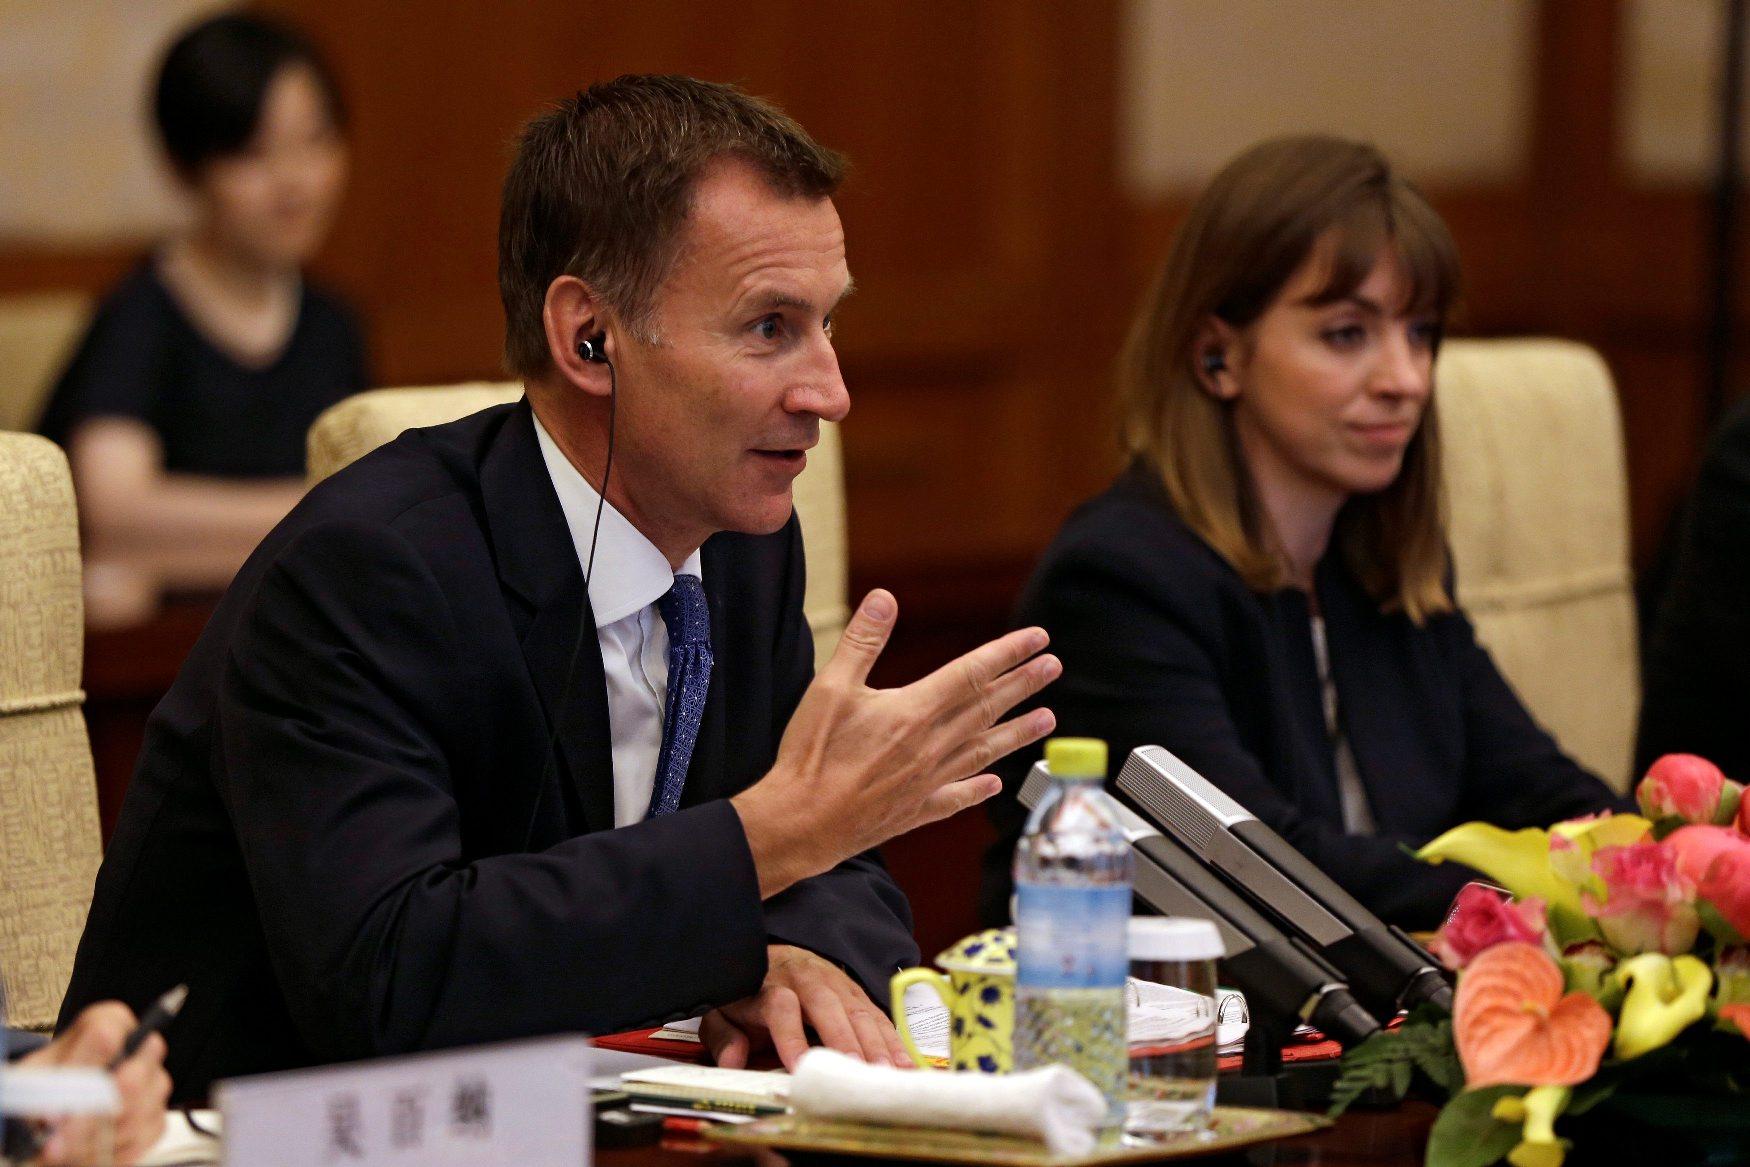 Brak kineskinje hrvatska za Kineskinje se